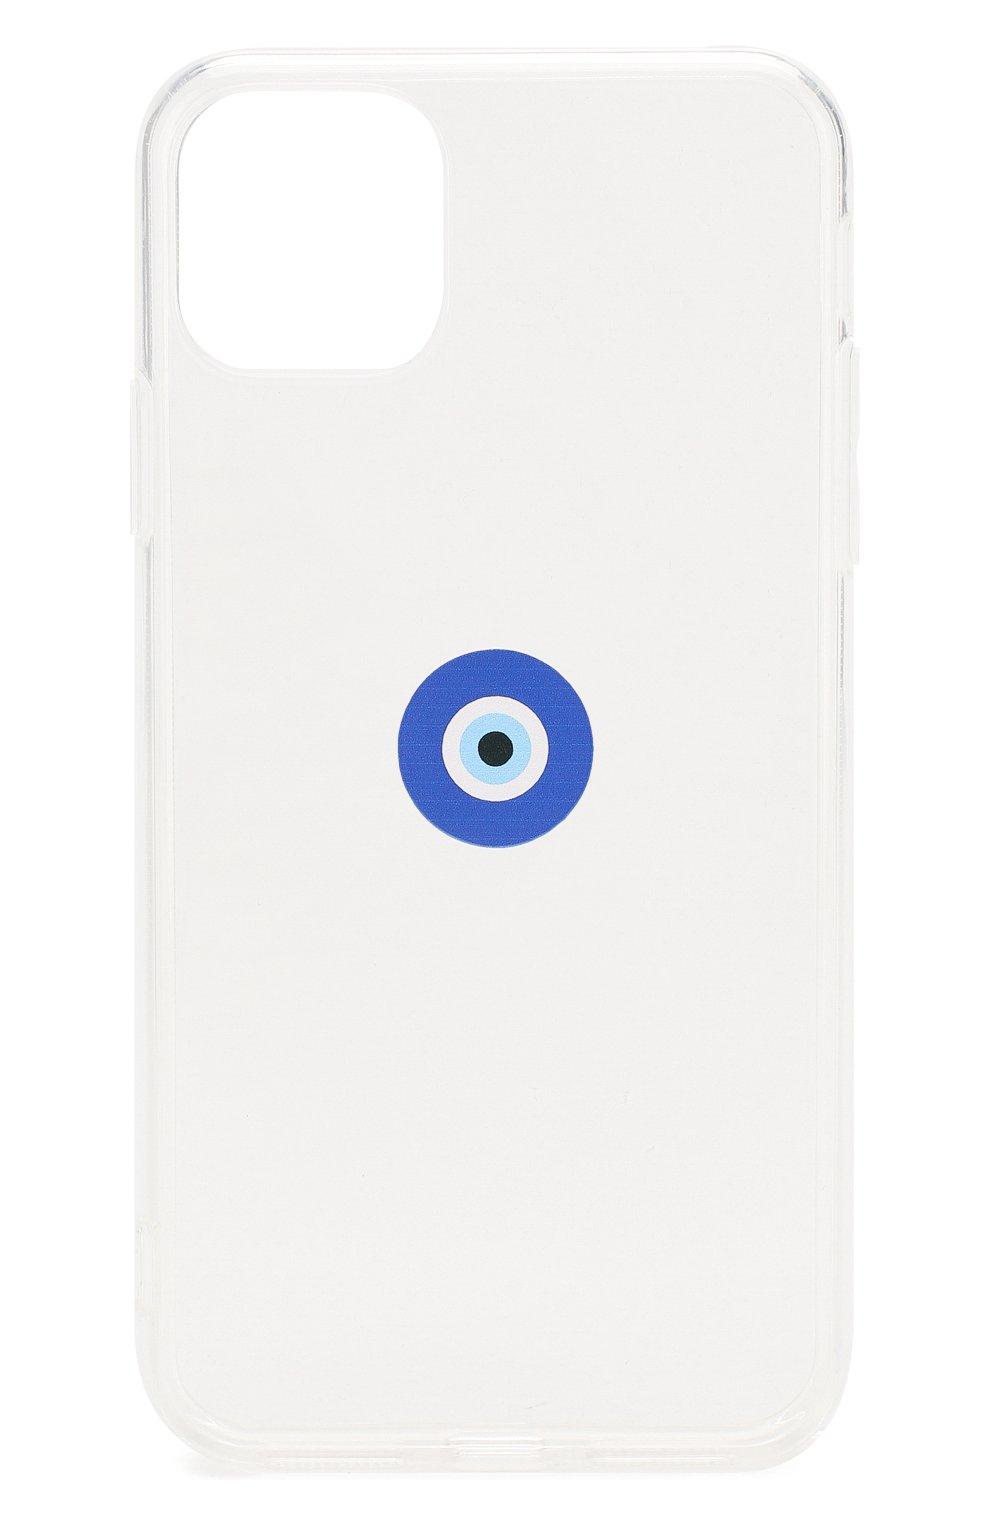 Чехол для iphone 11 pro max MISHRABOO прозрачного цвета, арт. Eye 11 Pro Max | Фото 1